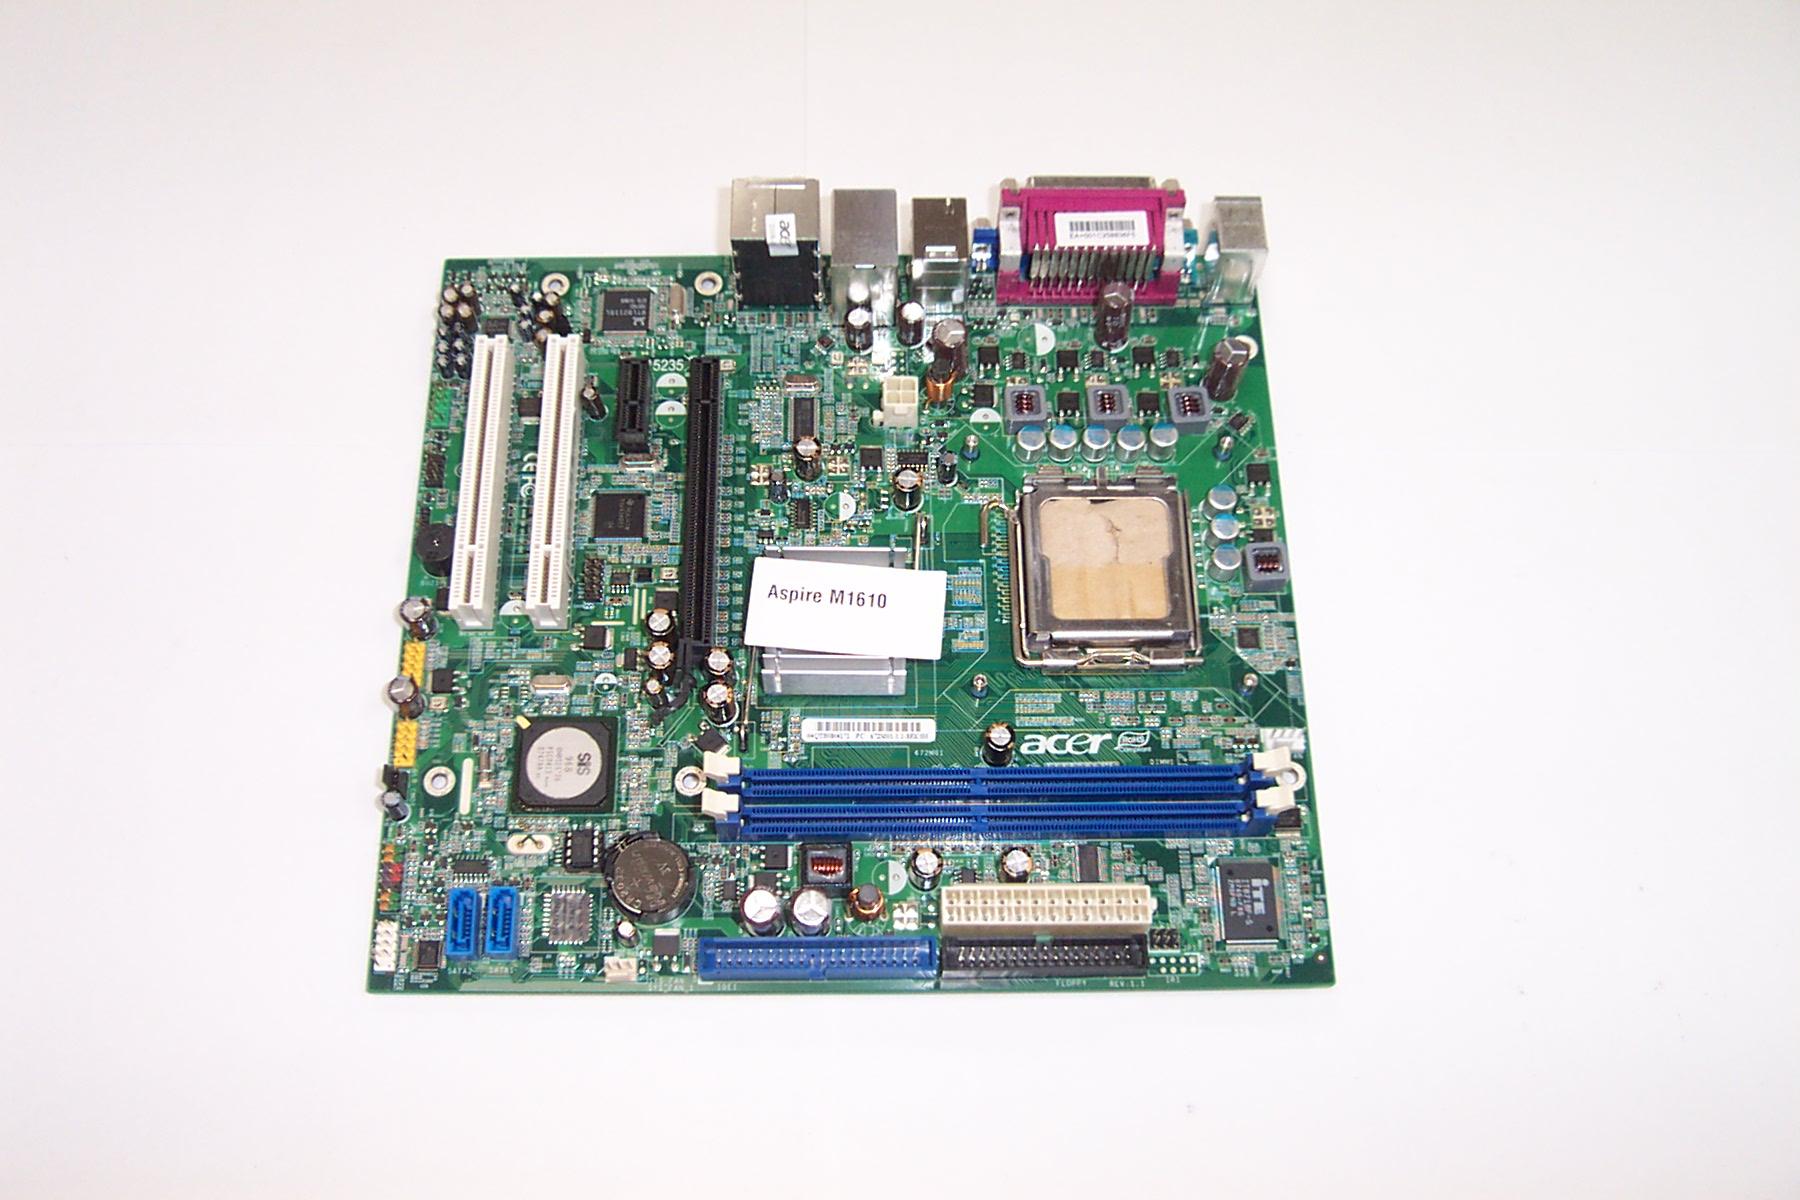 Acer 672M01-1.1-8EKSH Aspire M1610 Socket 775 Motherboard